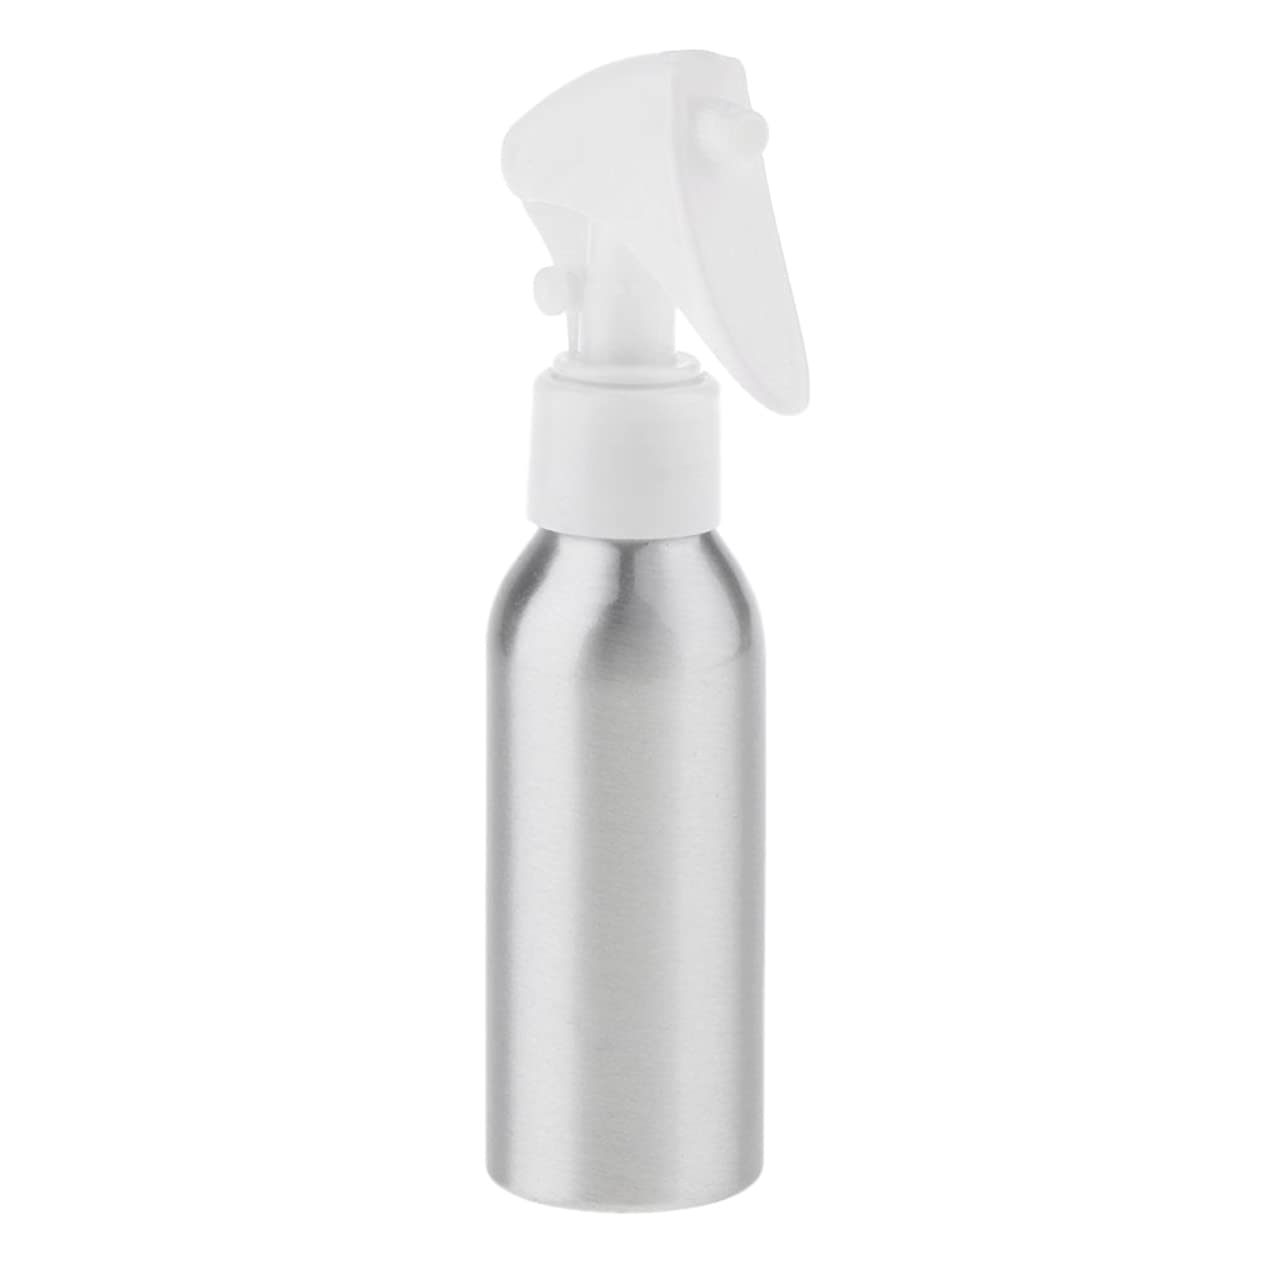 決めます密接続CUTICATE スプレーボトル 空ボトル 水スプレー スプレー ポンプボトル 噴霧器 プロのサロン 多機能 6サイズ選択 - 120ML